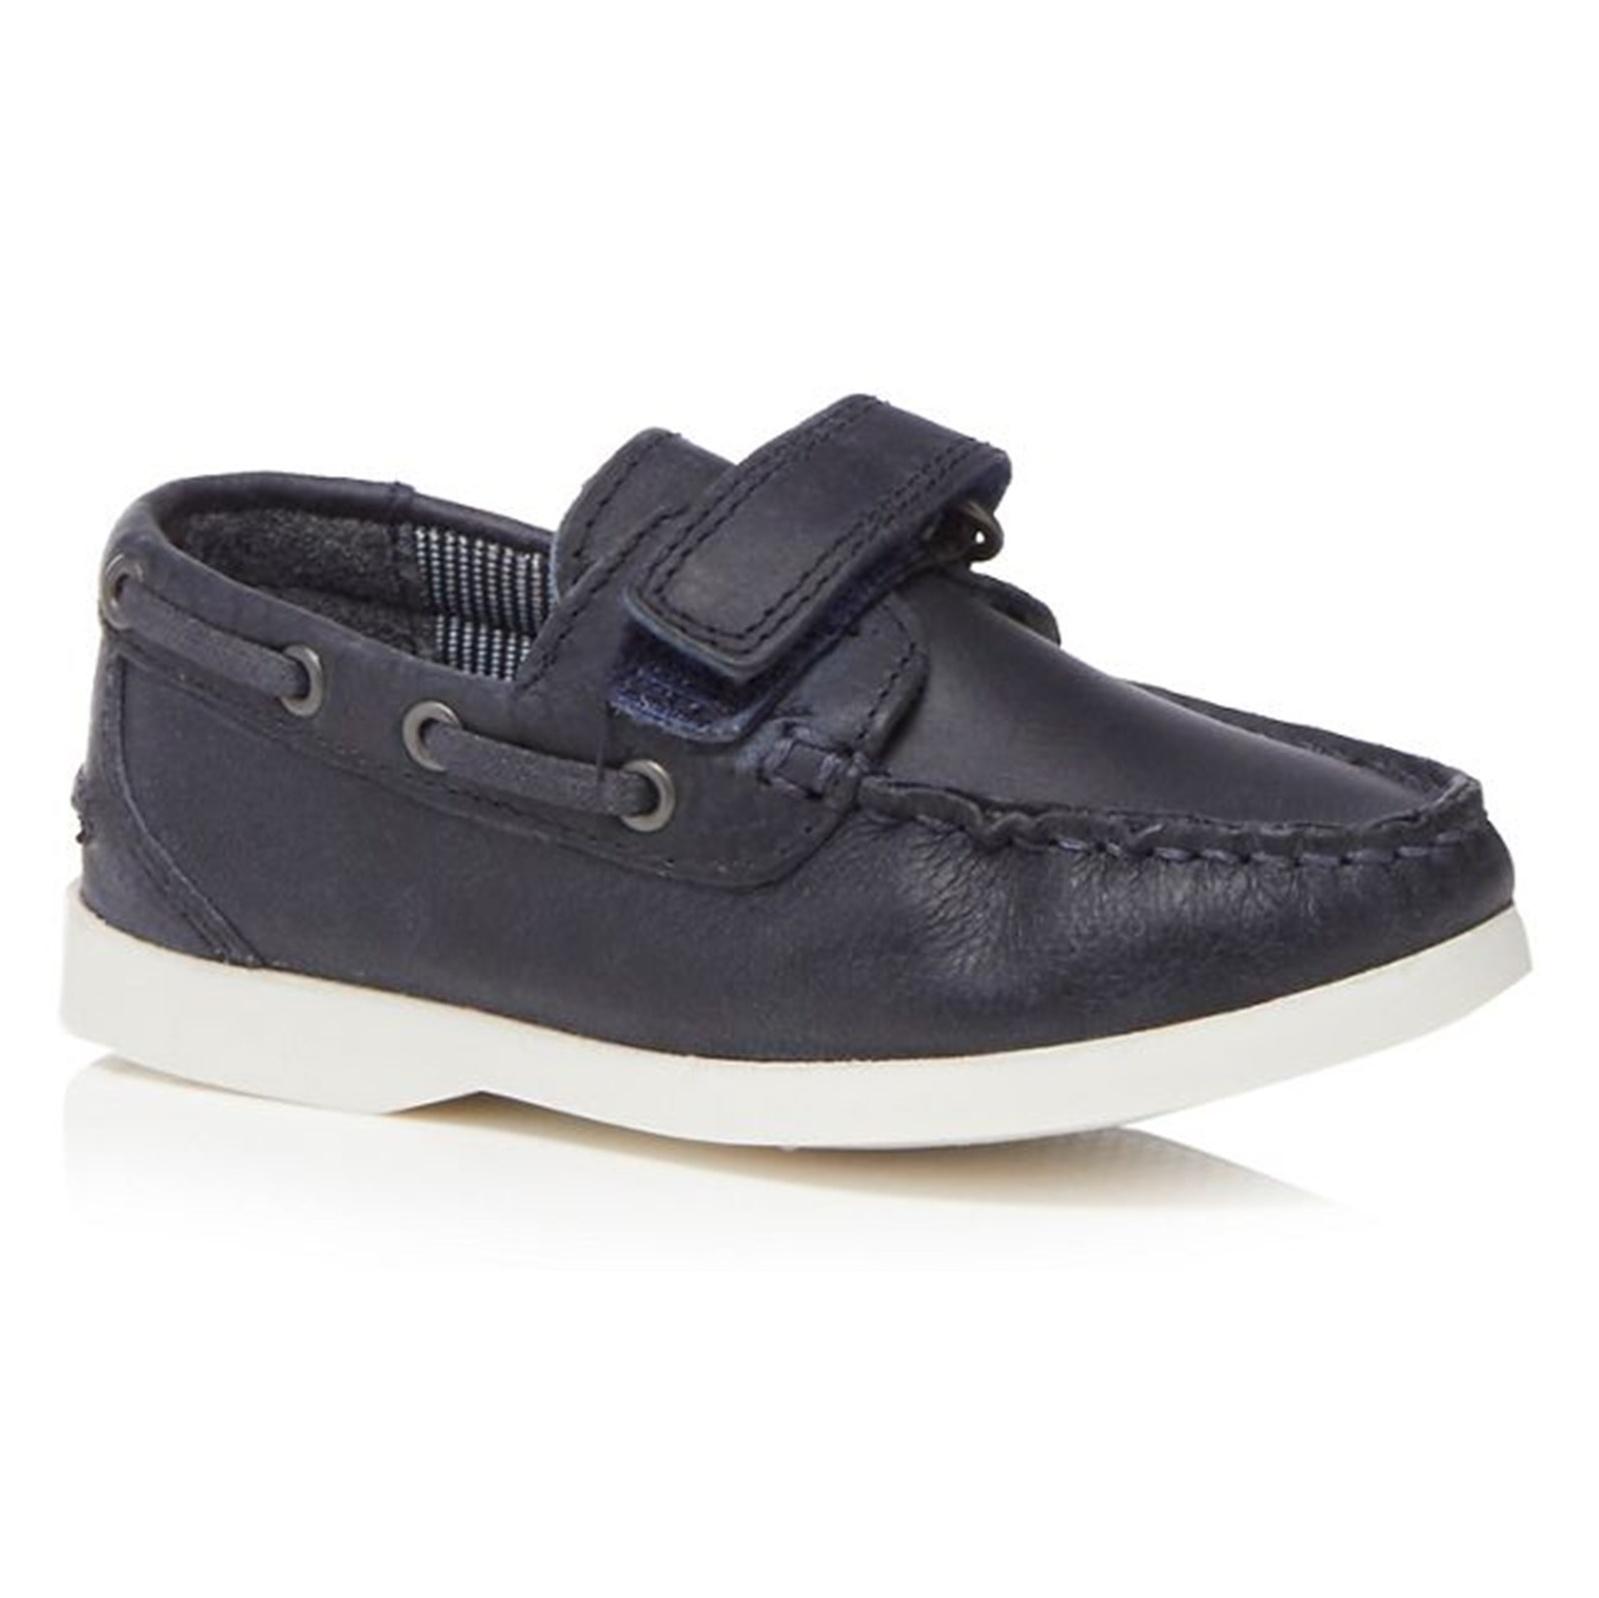 کفش چرم چسبی پسرانه - دبنهامز